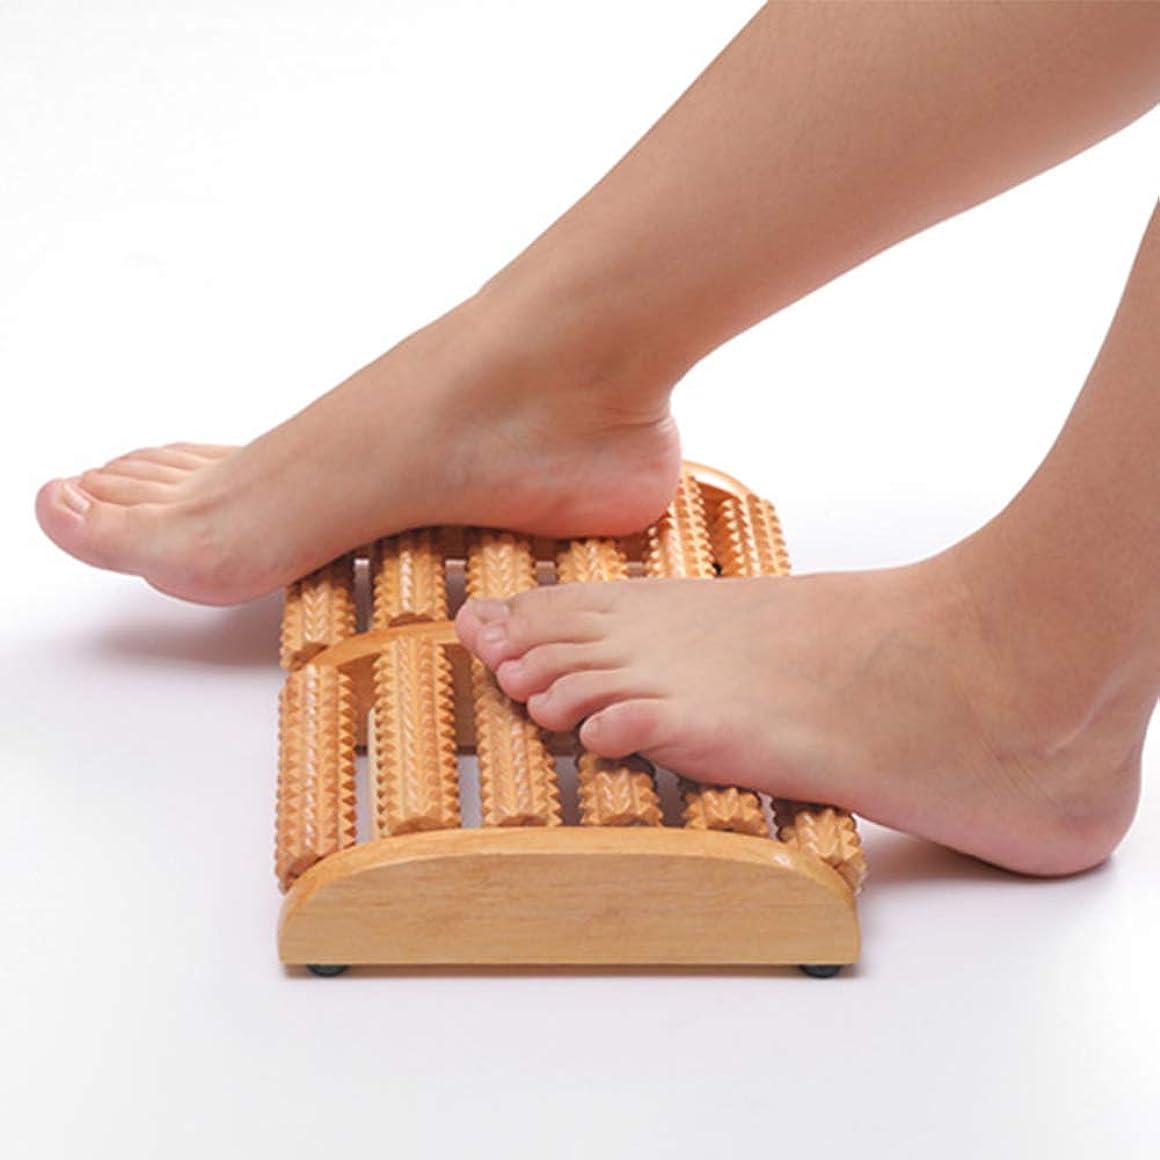 副書き出すオーバーランローラー足のマッサージャーの純木6列の指圧マッサージのローラーの耐荷重の強い家庭用足底筋膜炎マッサージ器(28Cm * 18Cm * 4.3Cm)